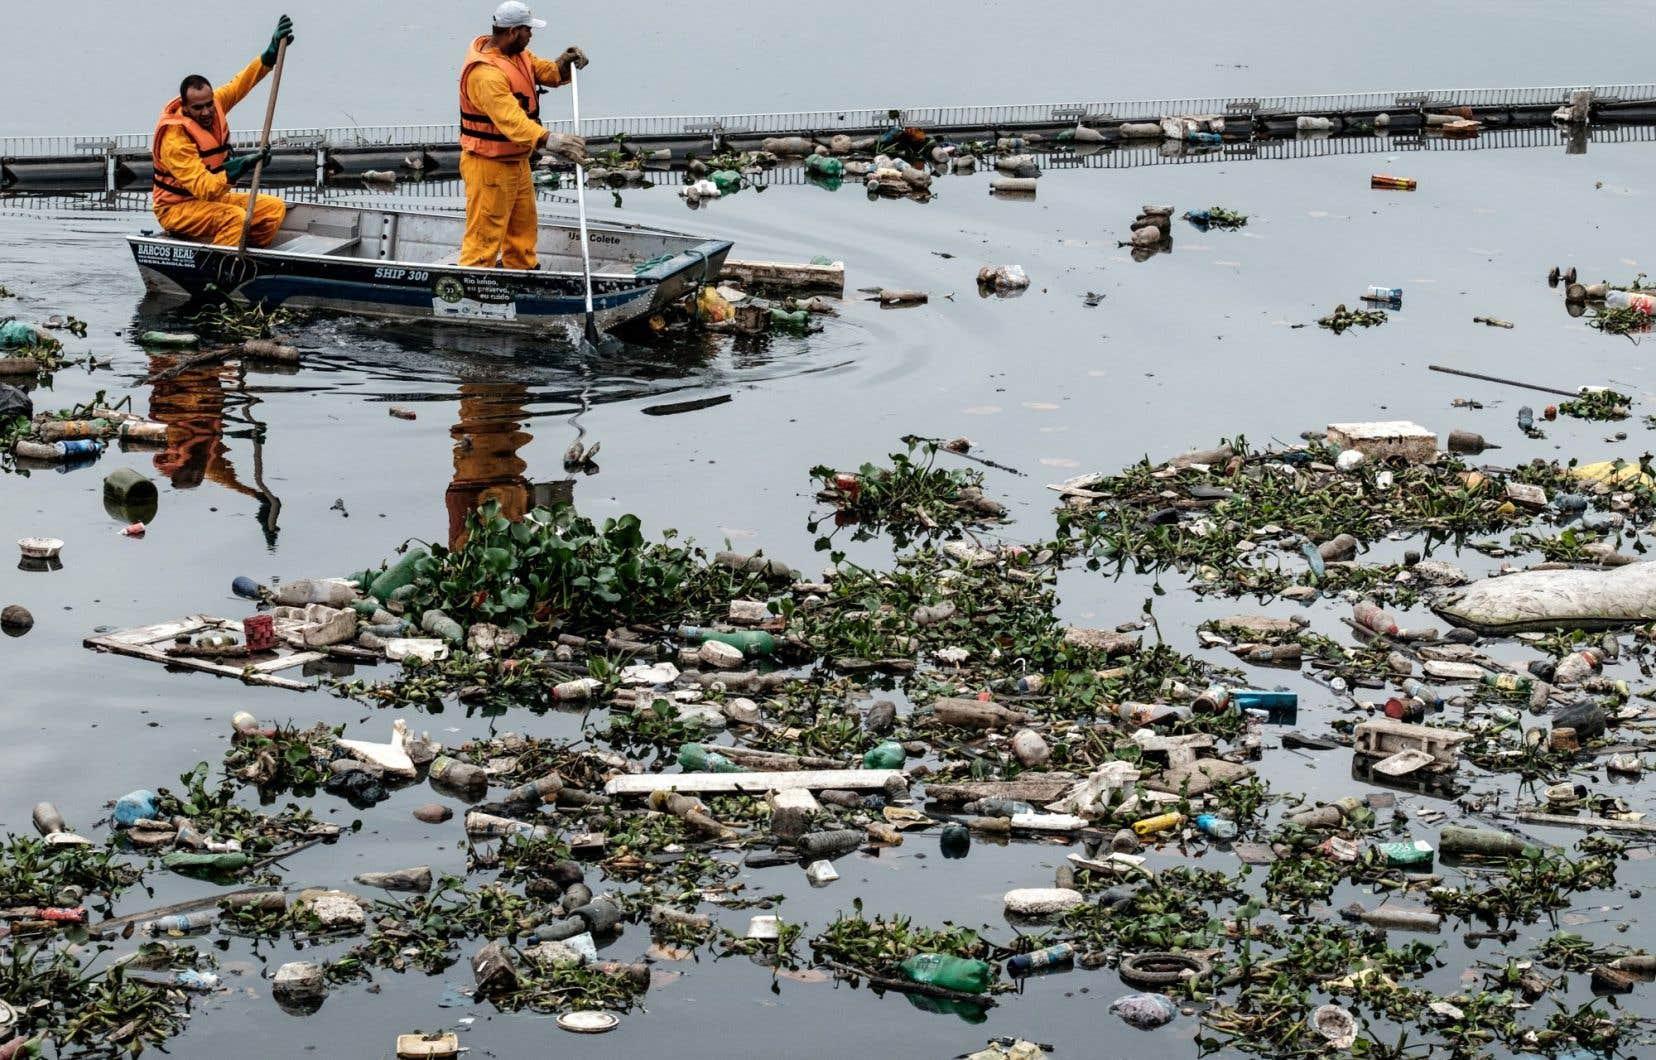 La baie de Guanabara demeure un cloaque où se déversent des égouts.